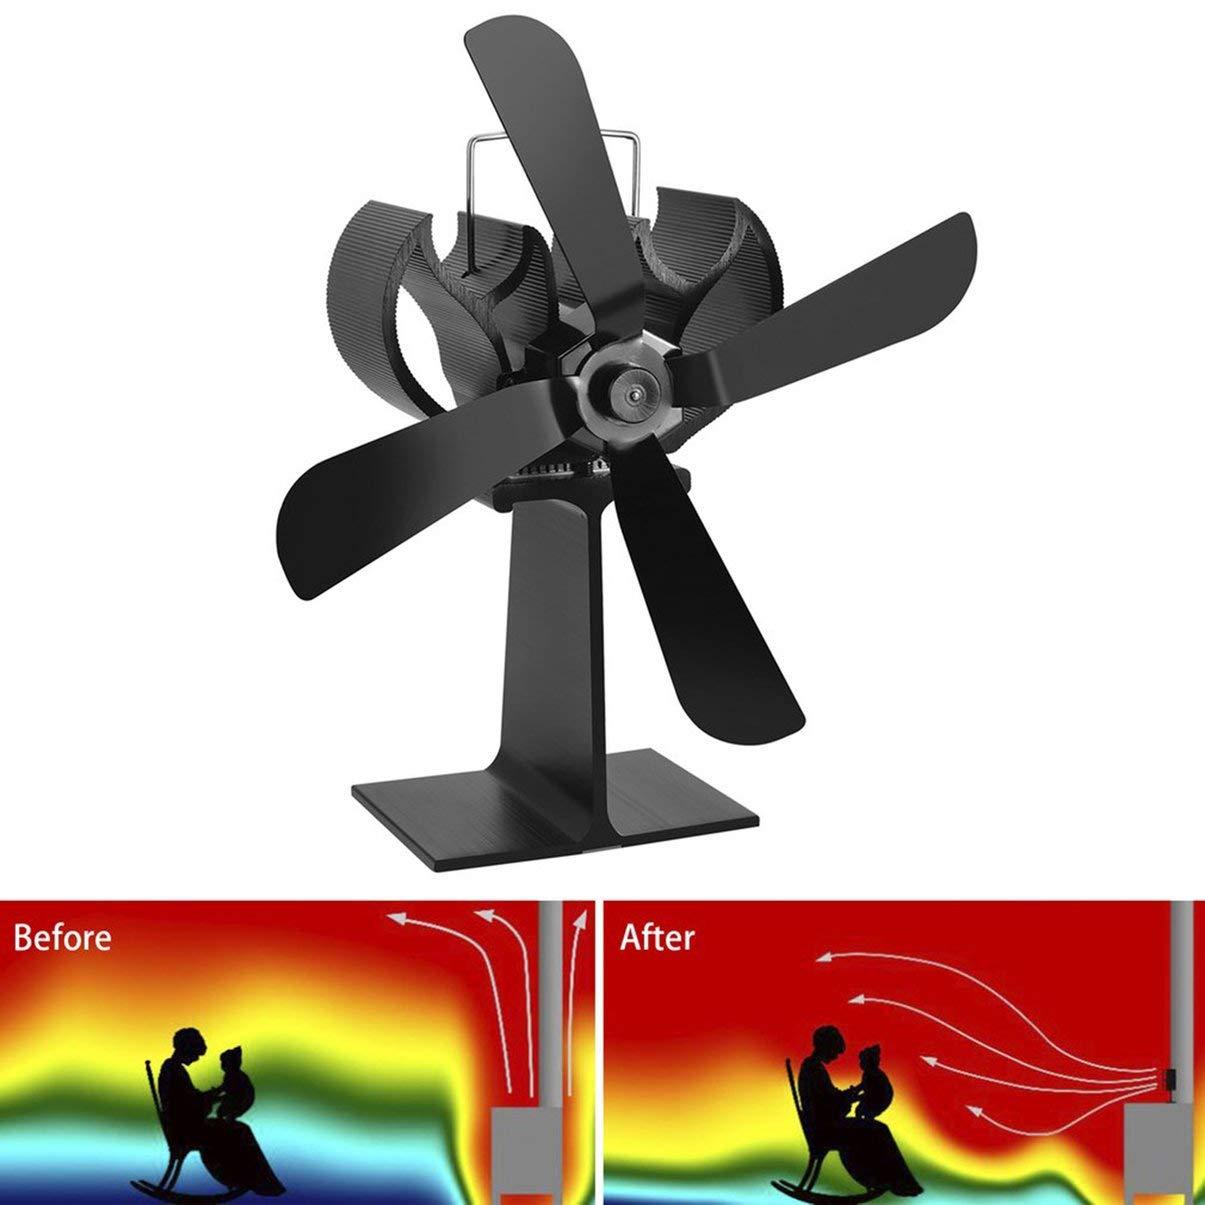 4 Cuchillas Calentador de Estufa Alimentado por Calor Quemador de leña Quemador de leña Ecofan Quiet Black Hogar Ventilador Eficiente Distribución de Calor: ...